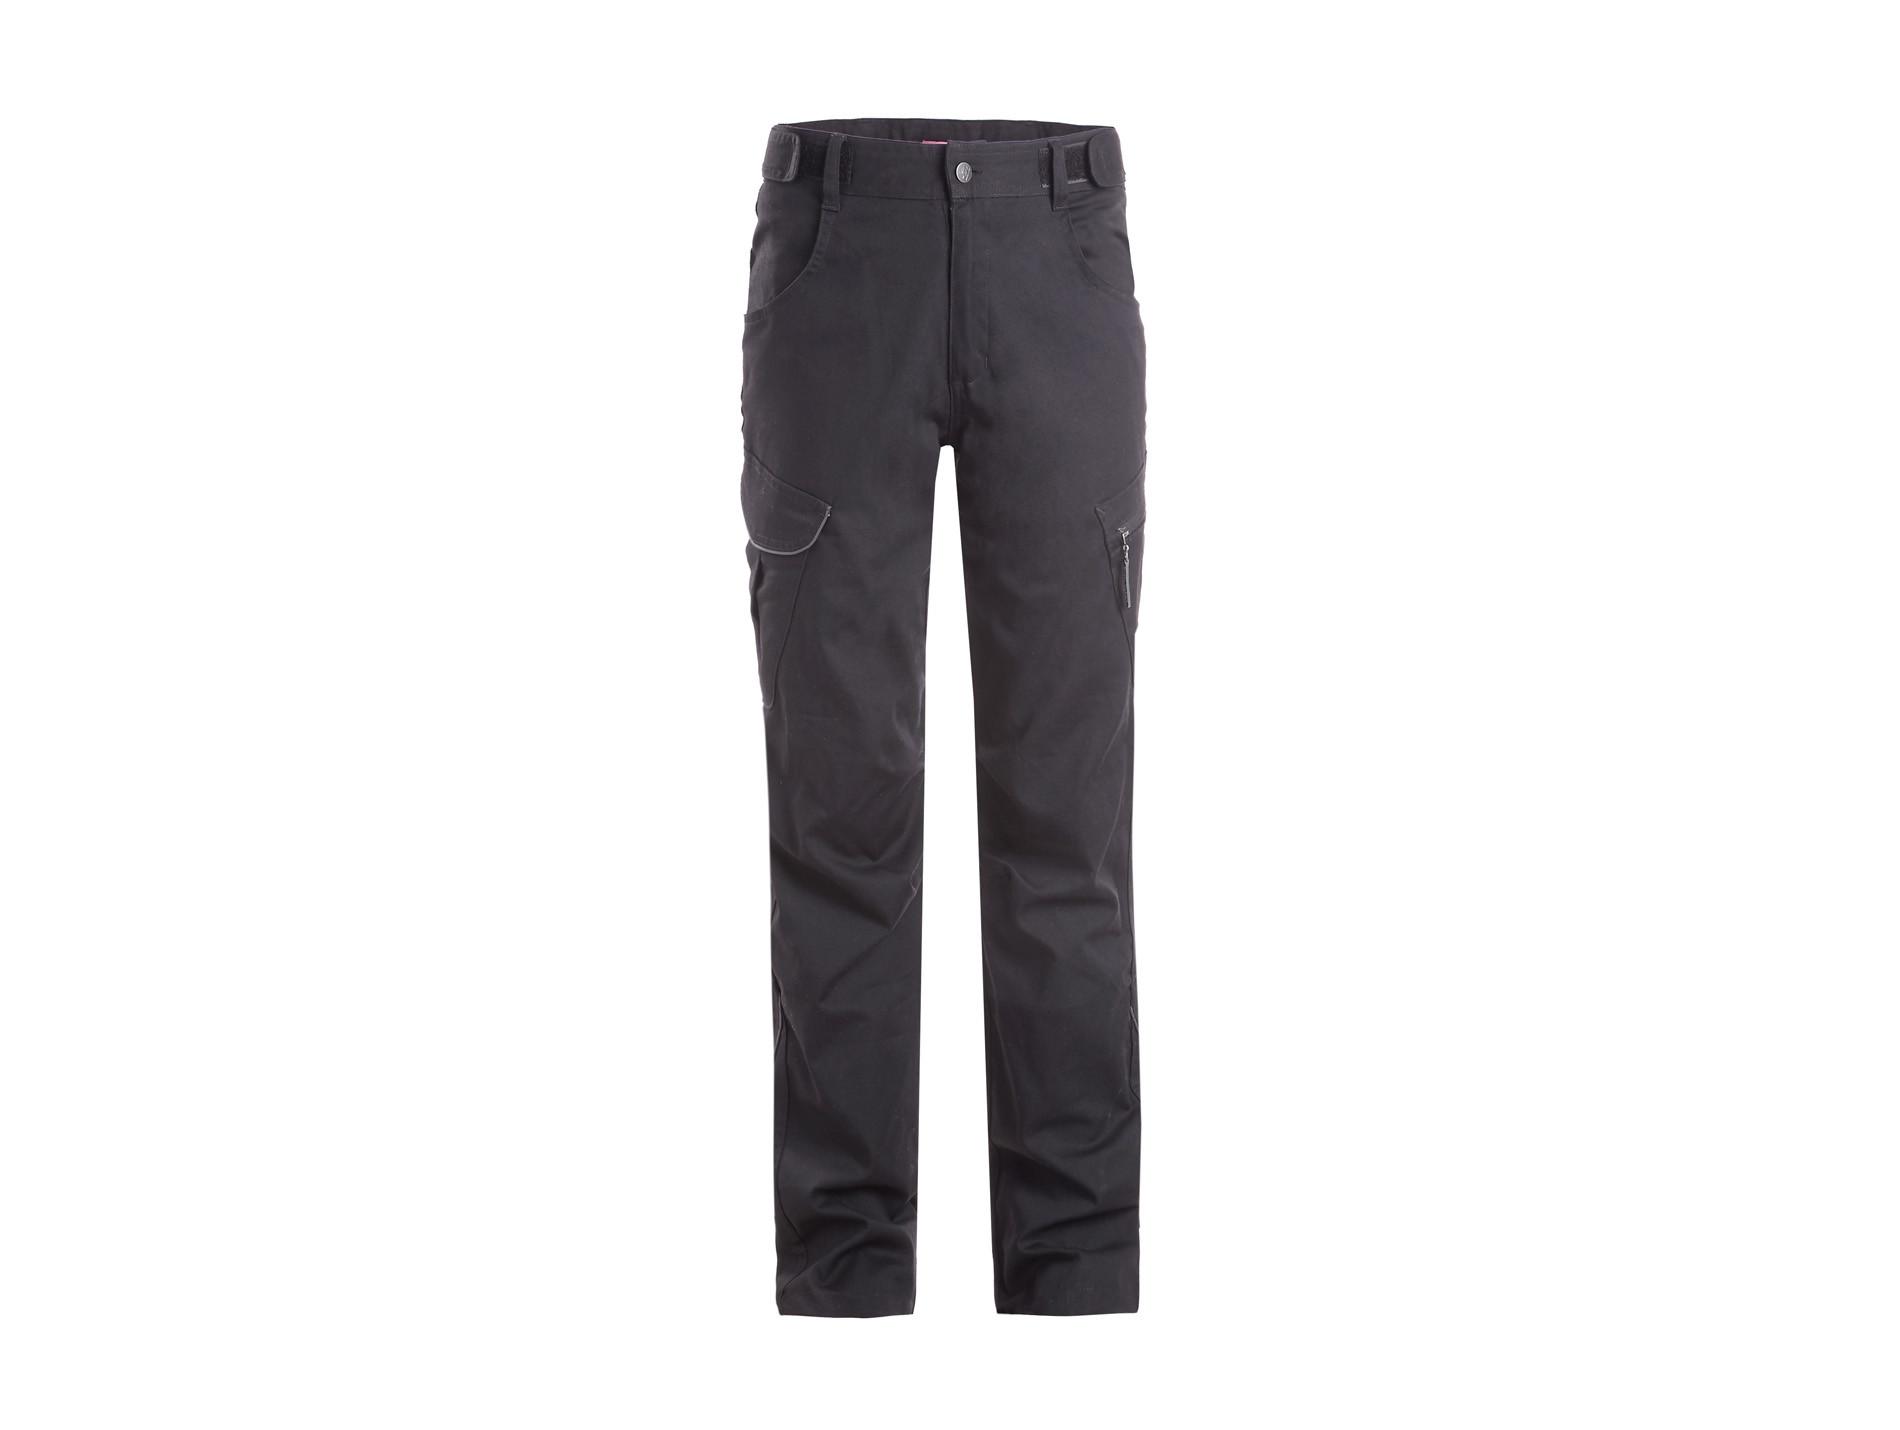 Pantalon de travail femme Camille noir